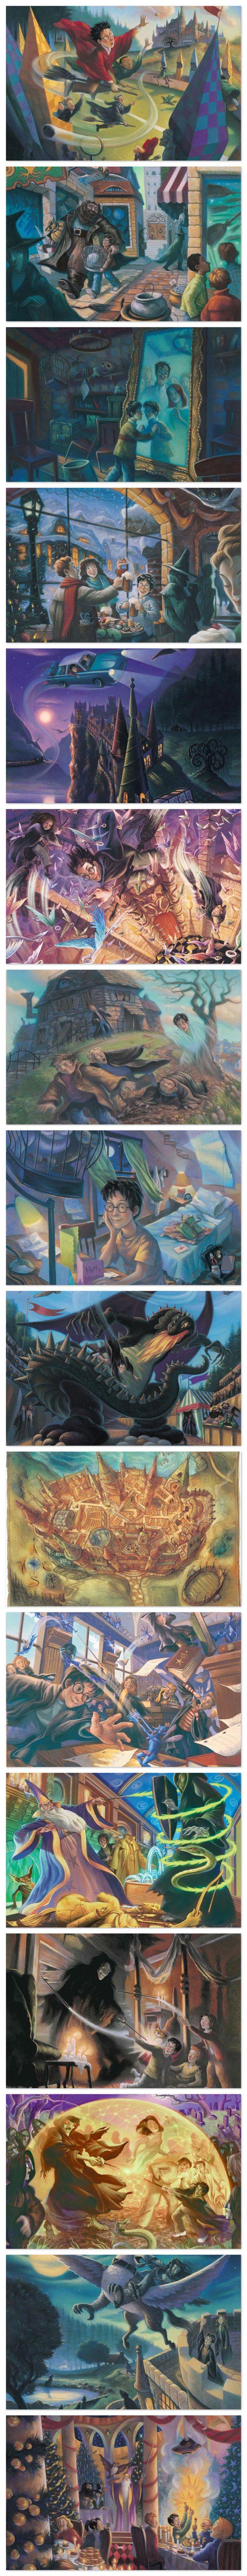 Veja aqui as ilustrações que não foram selecionadas durante o lançamento dos livros!